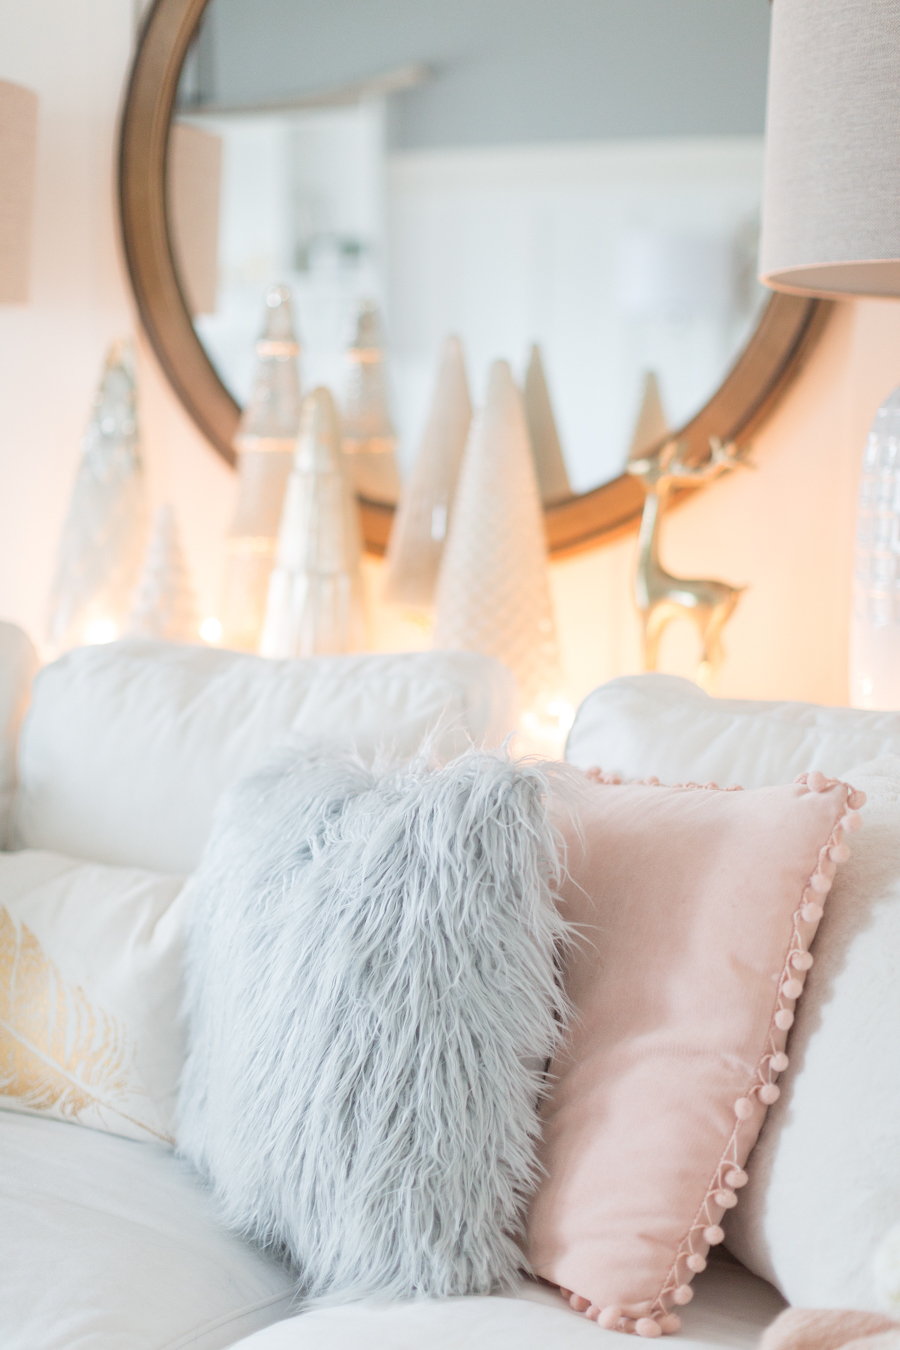 Tolle Ideen für skandinavische Deko Weihnachten im Wohnzimmer